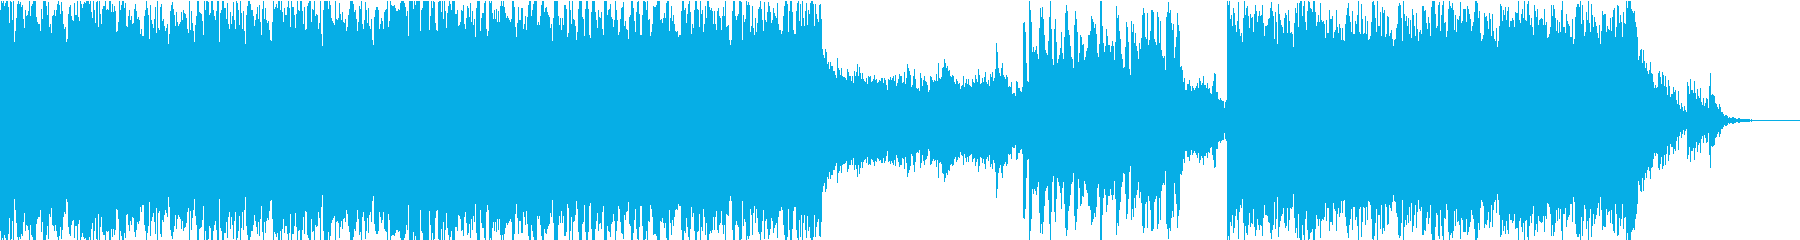 ボカロ系の清涼感のある近未来サウンドの再生済みの波形